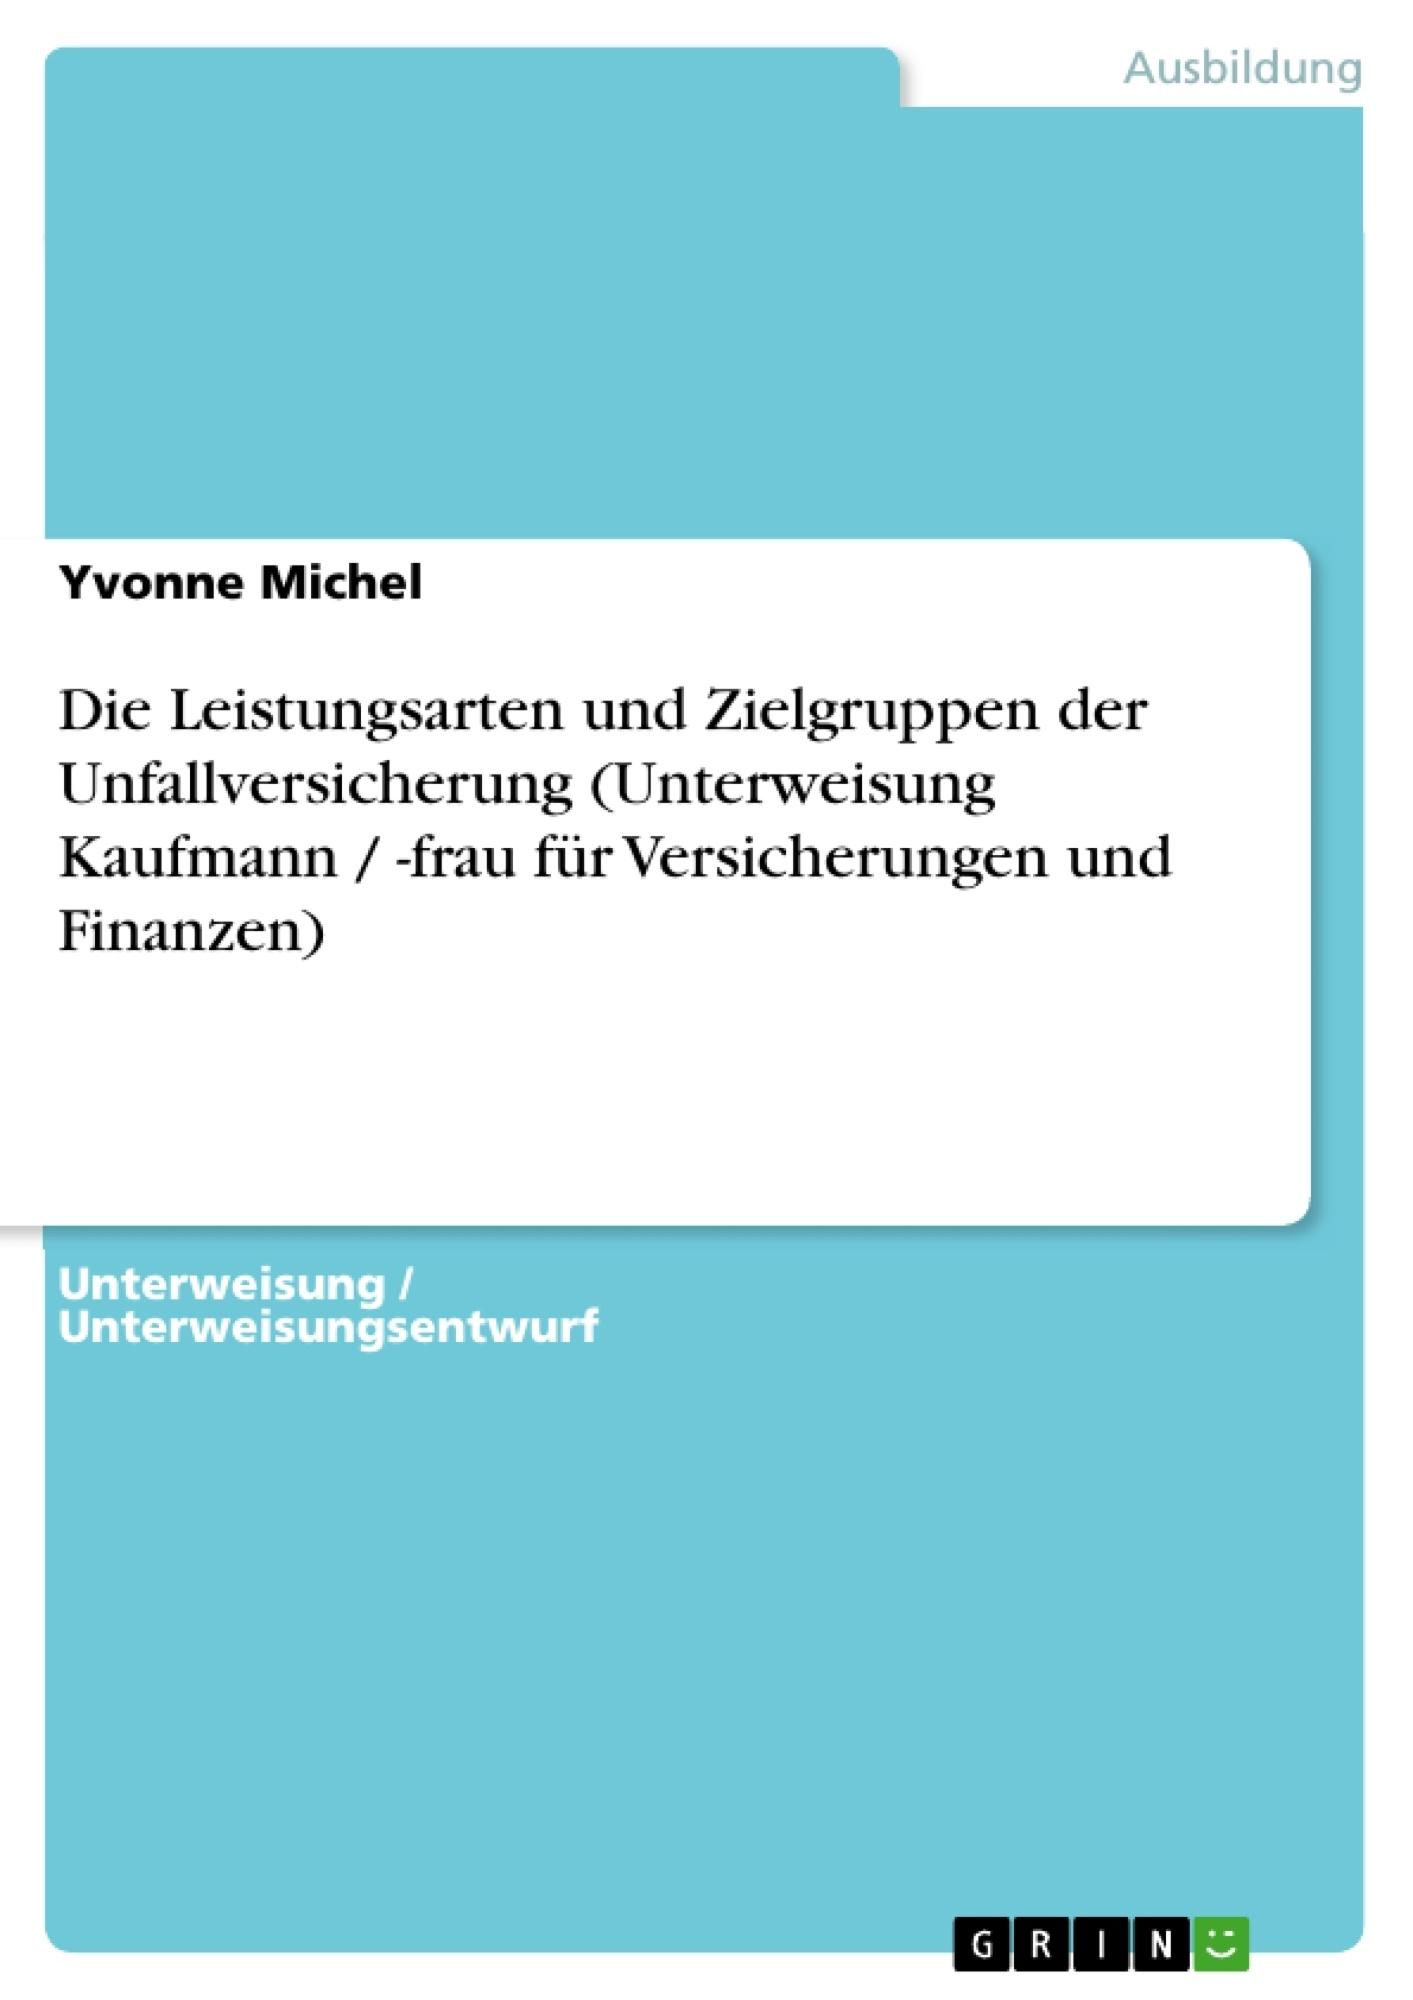 Titel: Die Leistungsarten und Zielgruppen der Unfallversicherung (Unterweisung Kaufmann / -frau für Versicherungen und Finanzen)